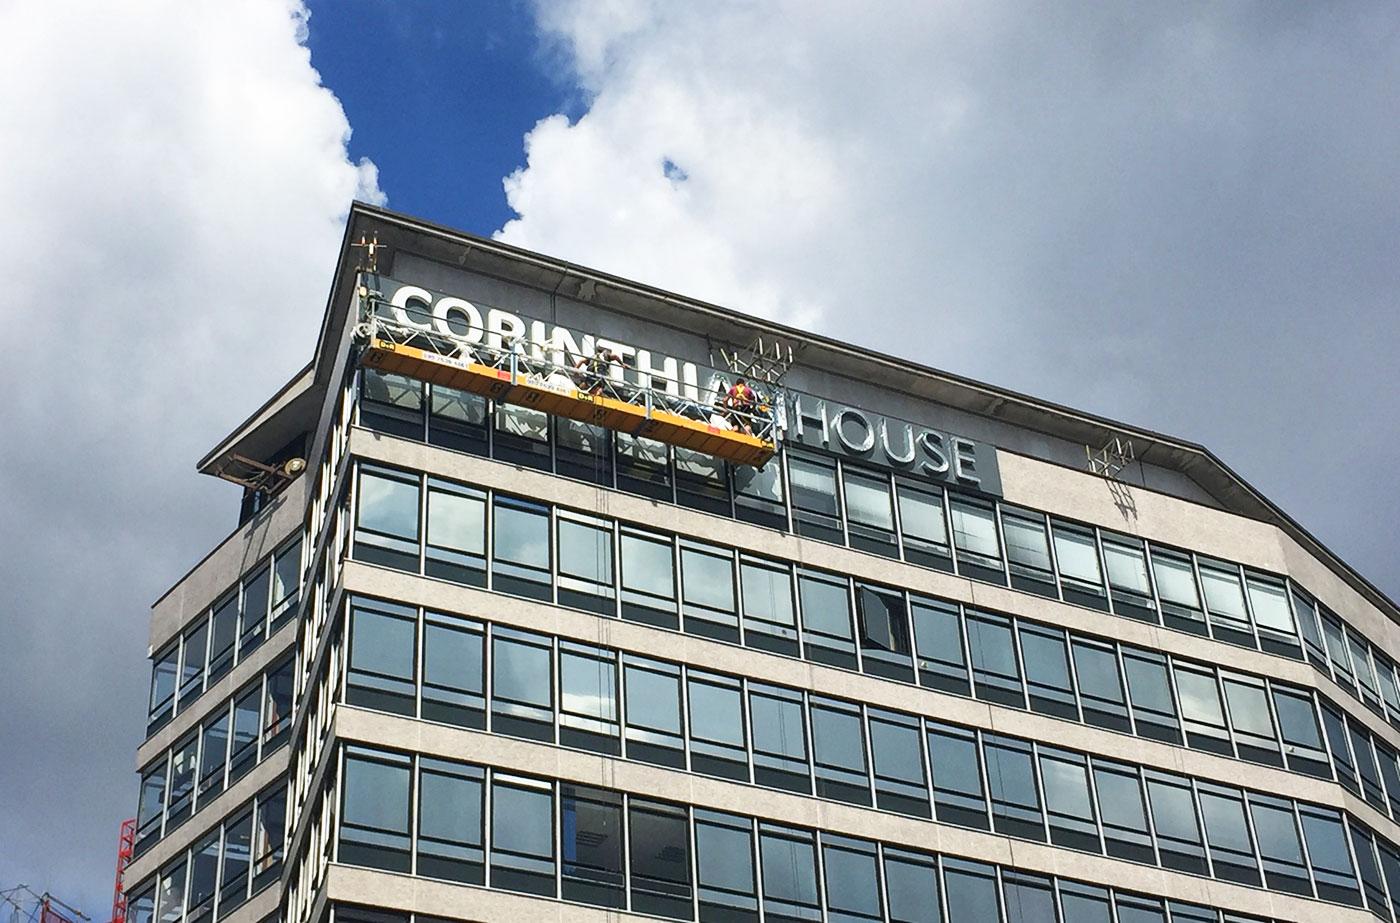 Corinthian House, Croydon